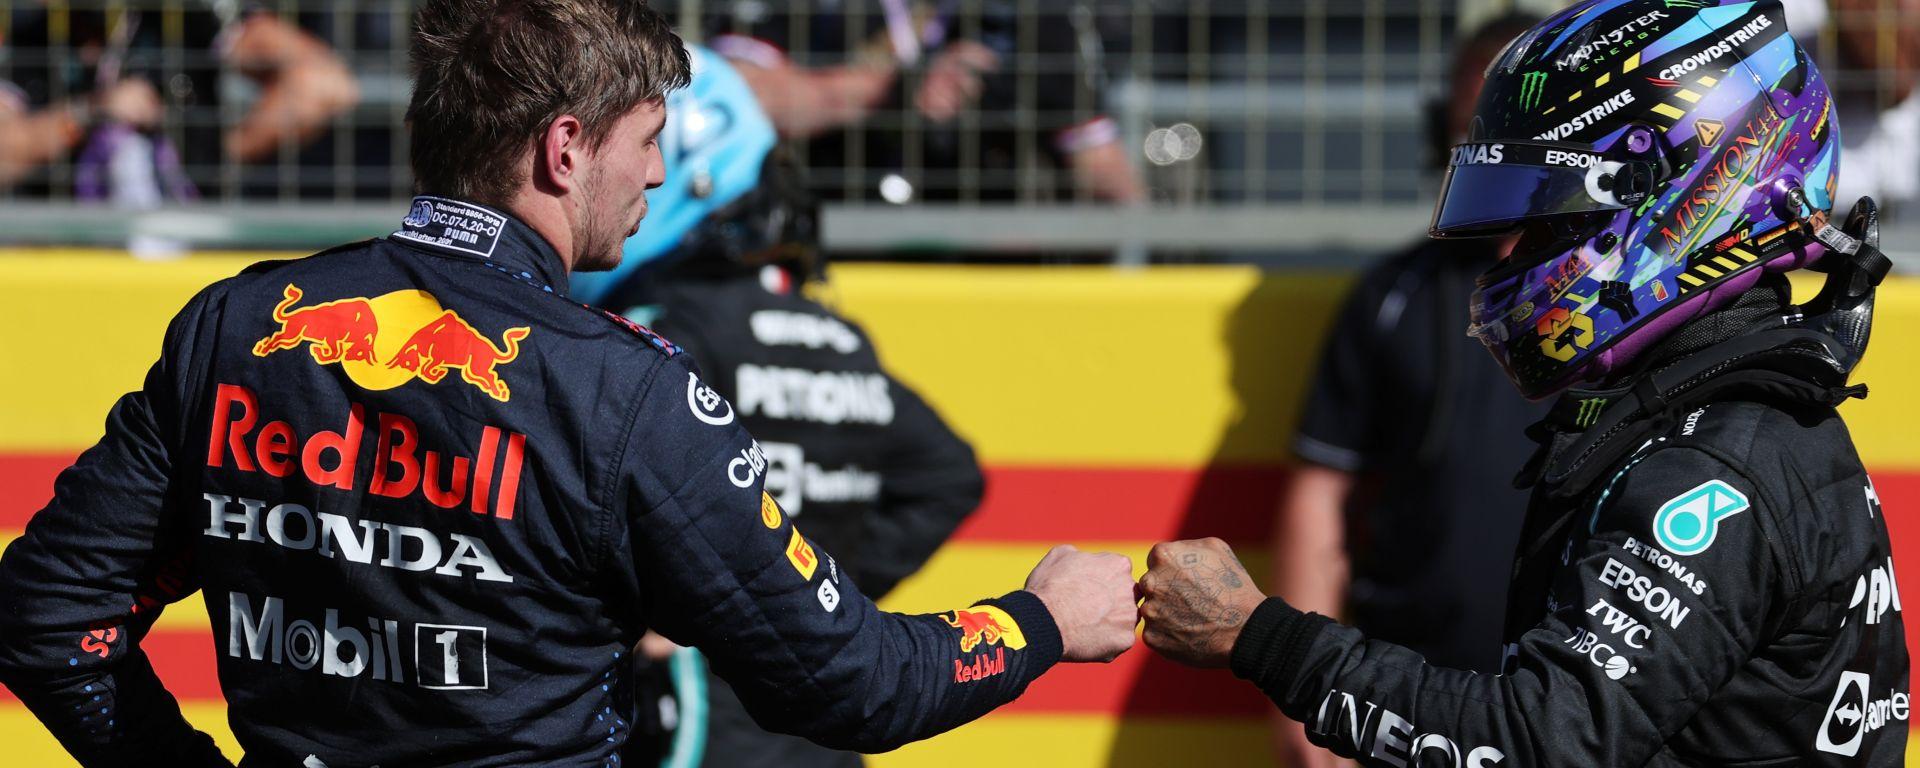 F1 GP Gran Bretagna 2021, Silverstone: Max Verstappen (Red Bull) e Lewis Hamilton (Mercedes)